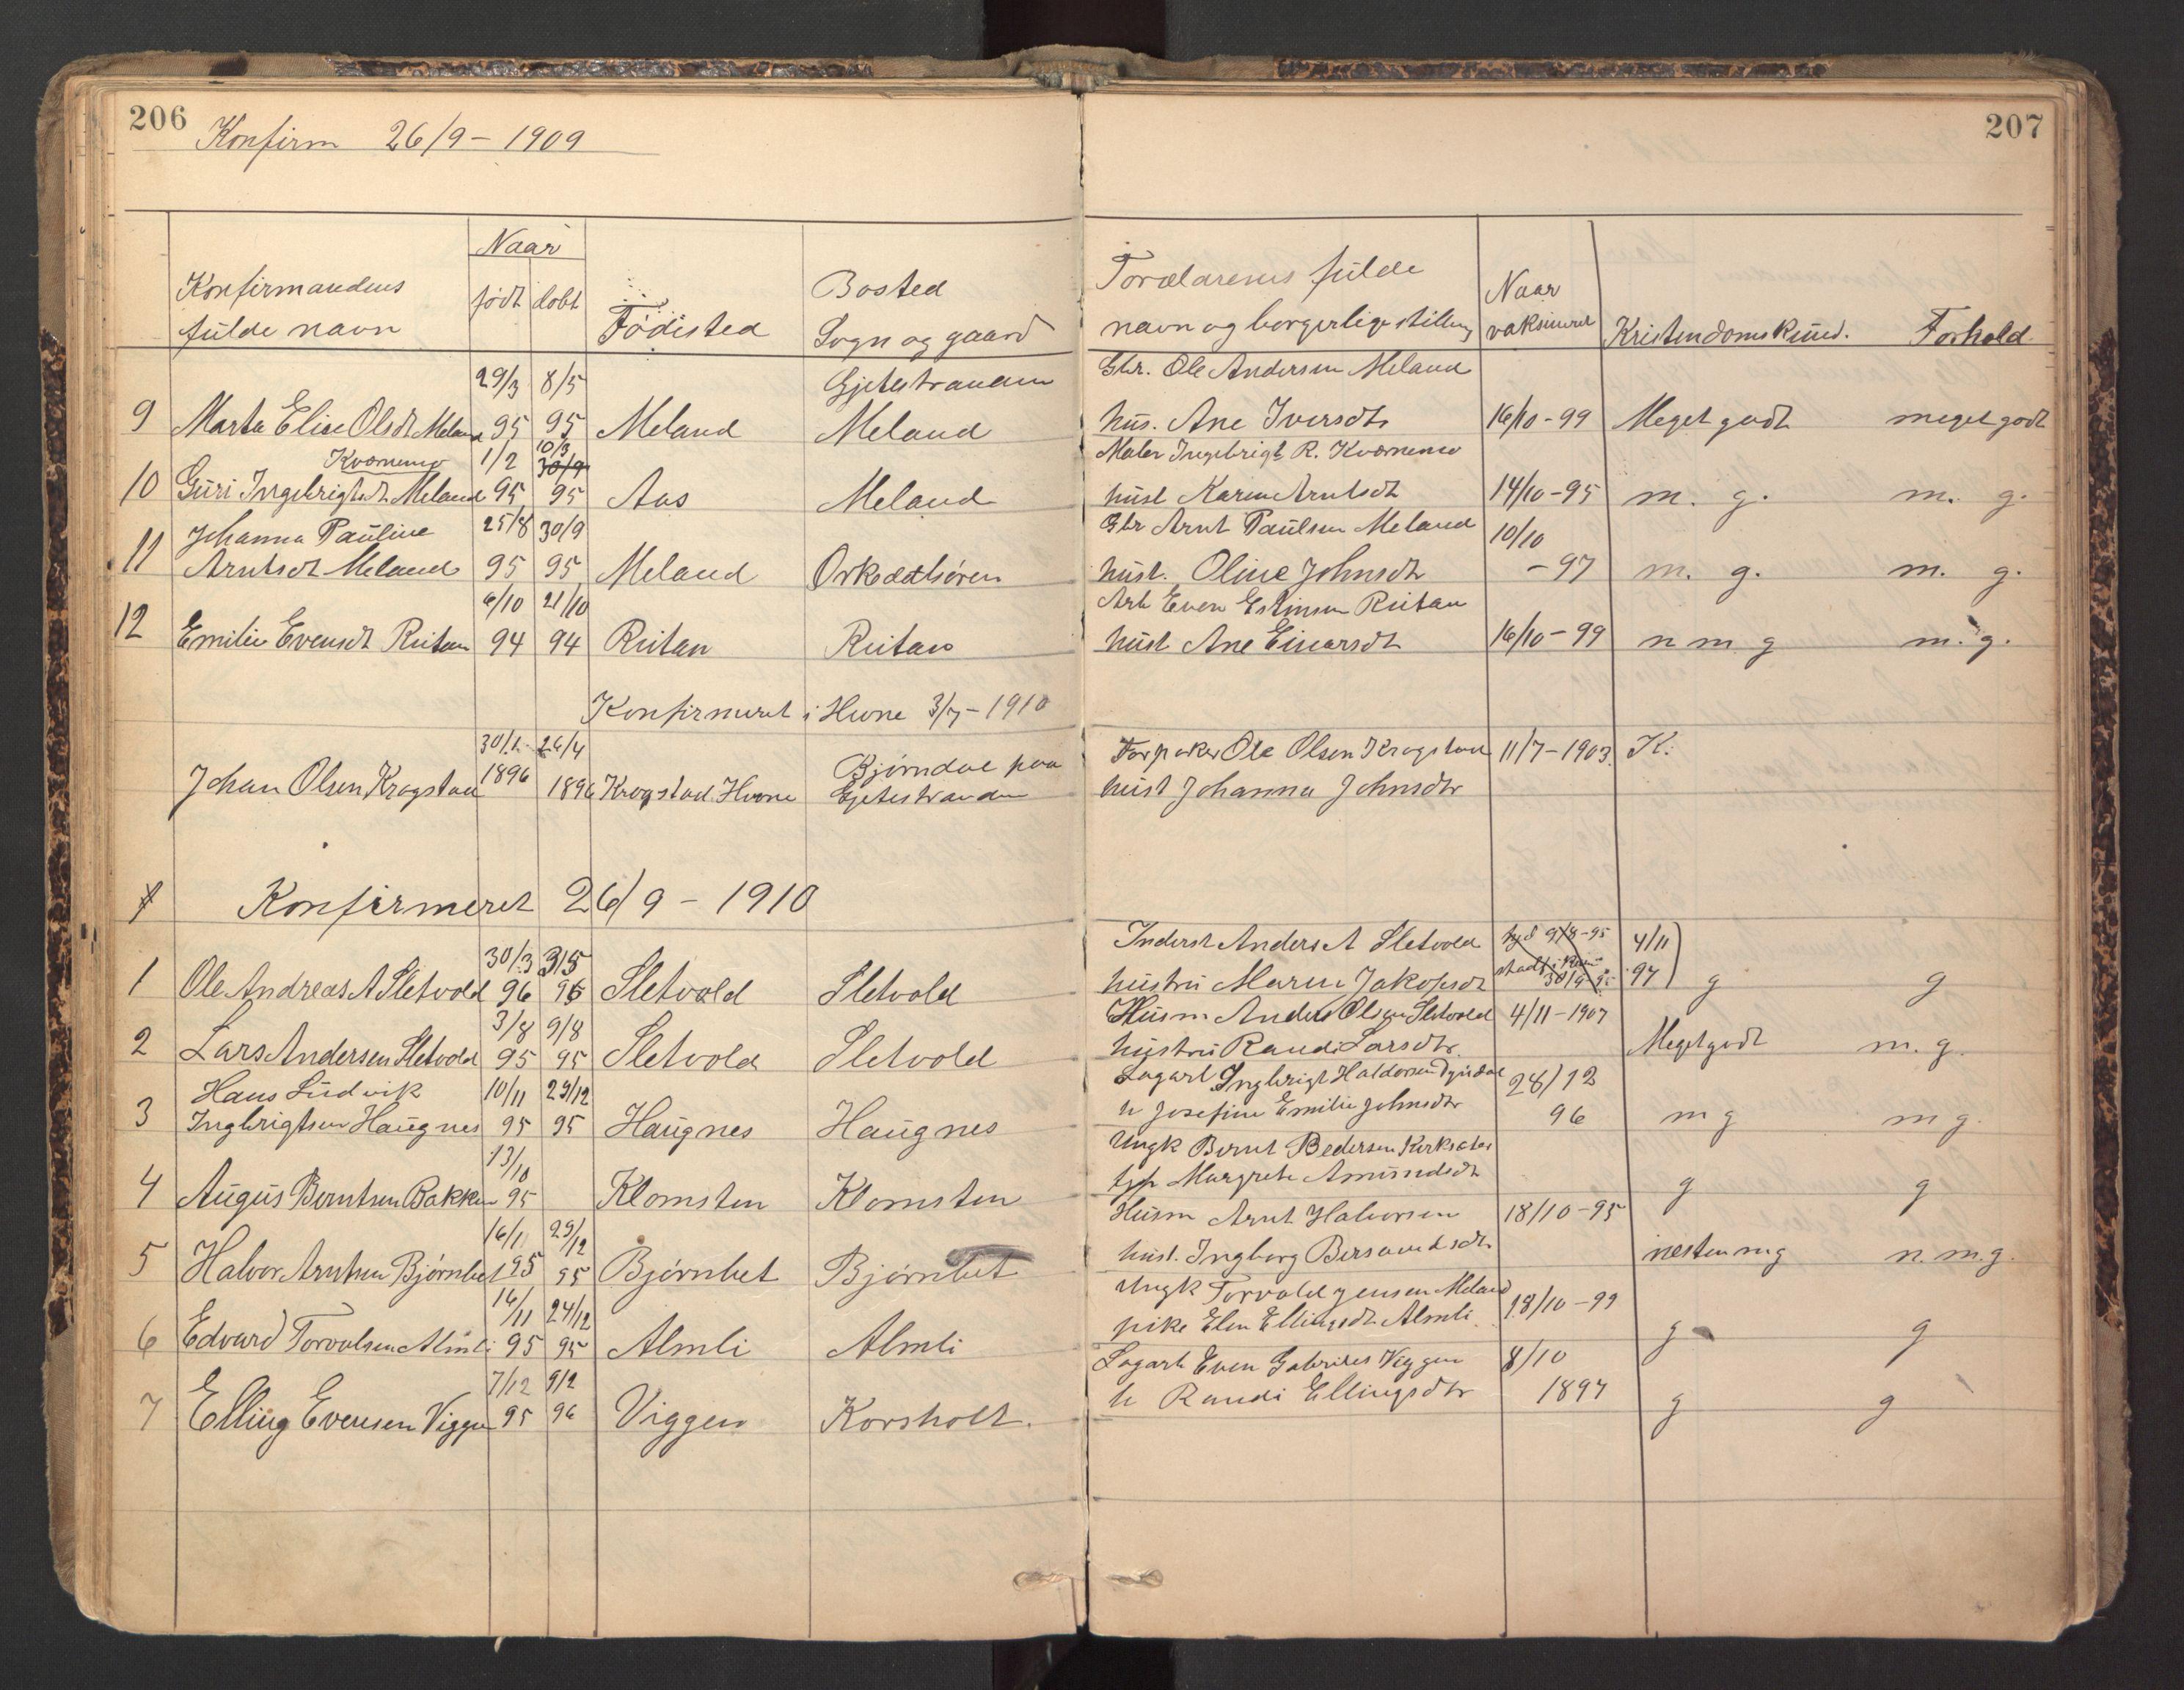 SAT, Ministerialprotokoller, klokkerbøker og fødselsregistre - Sør-Trøndelag, 670/L0837: Klokkerbok nr. 670C01, 1905-1946, s. 206-207